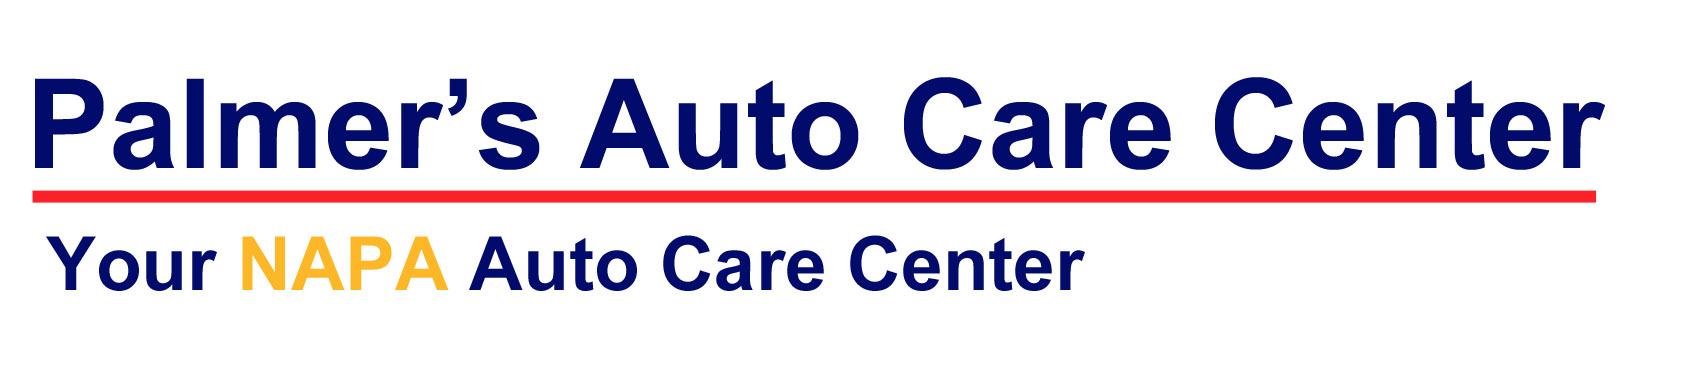 Palmer's Auto Care